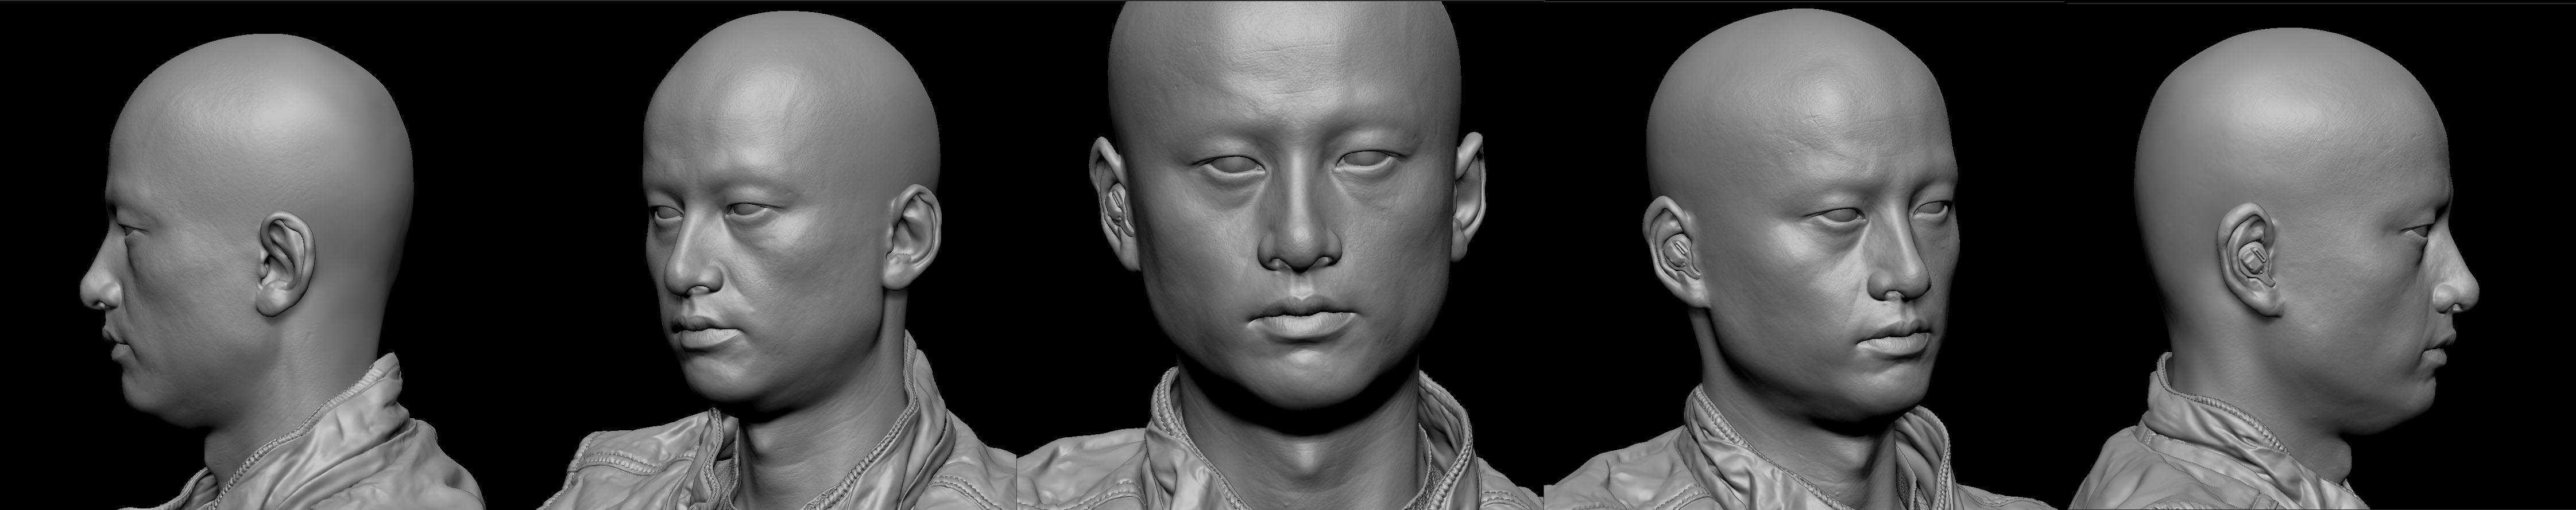 Meditation Model Head Quem é este homem oriental te olhando?